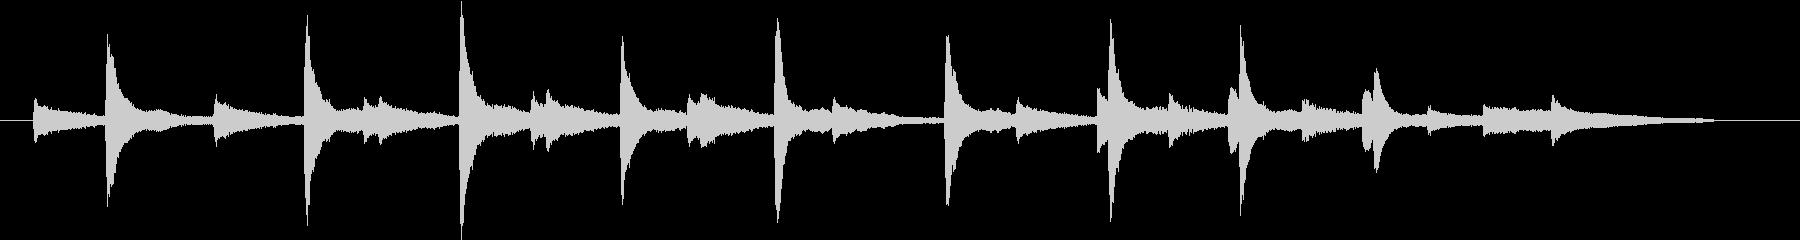 劇伴:ピアノで短調和音を重々しく弾くの未再生の波形